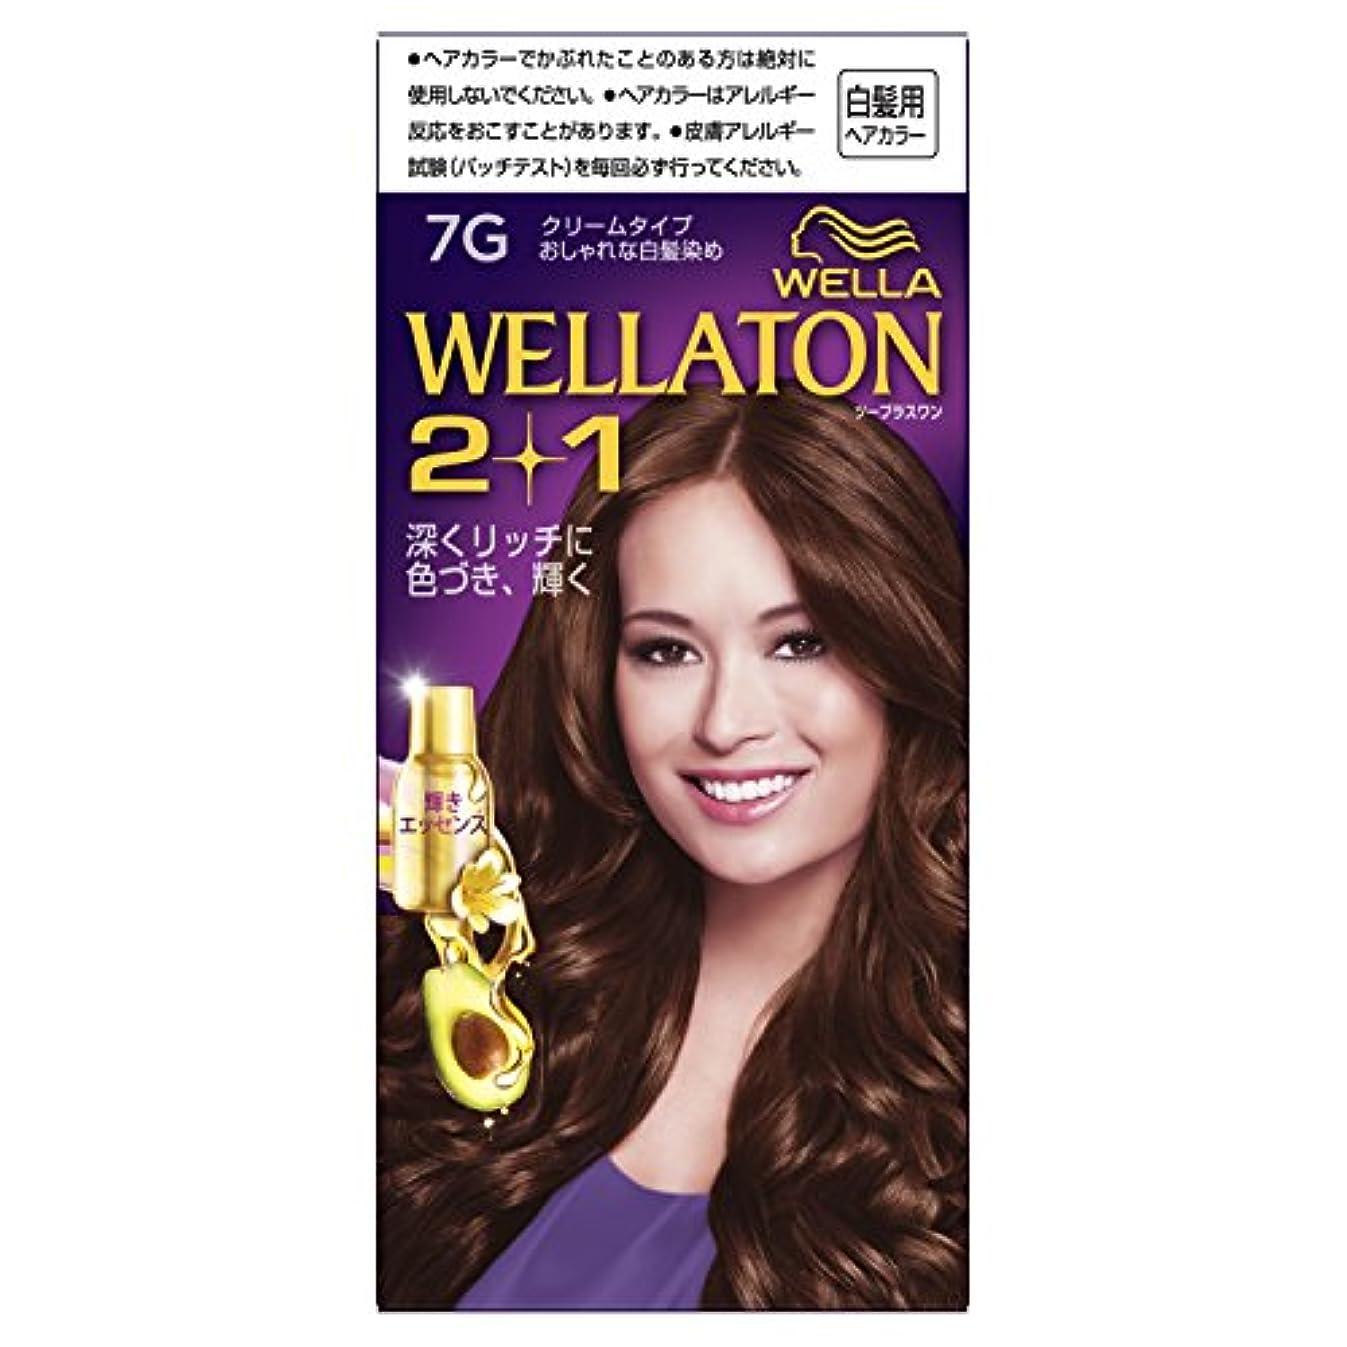 入手します組み立てる影響ウエラトーン2+1 クリームタイプ 7G [医薬部外品](おしゃれな白髪染め)